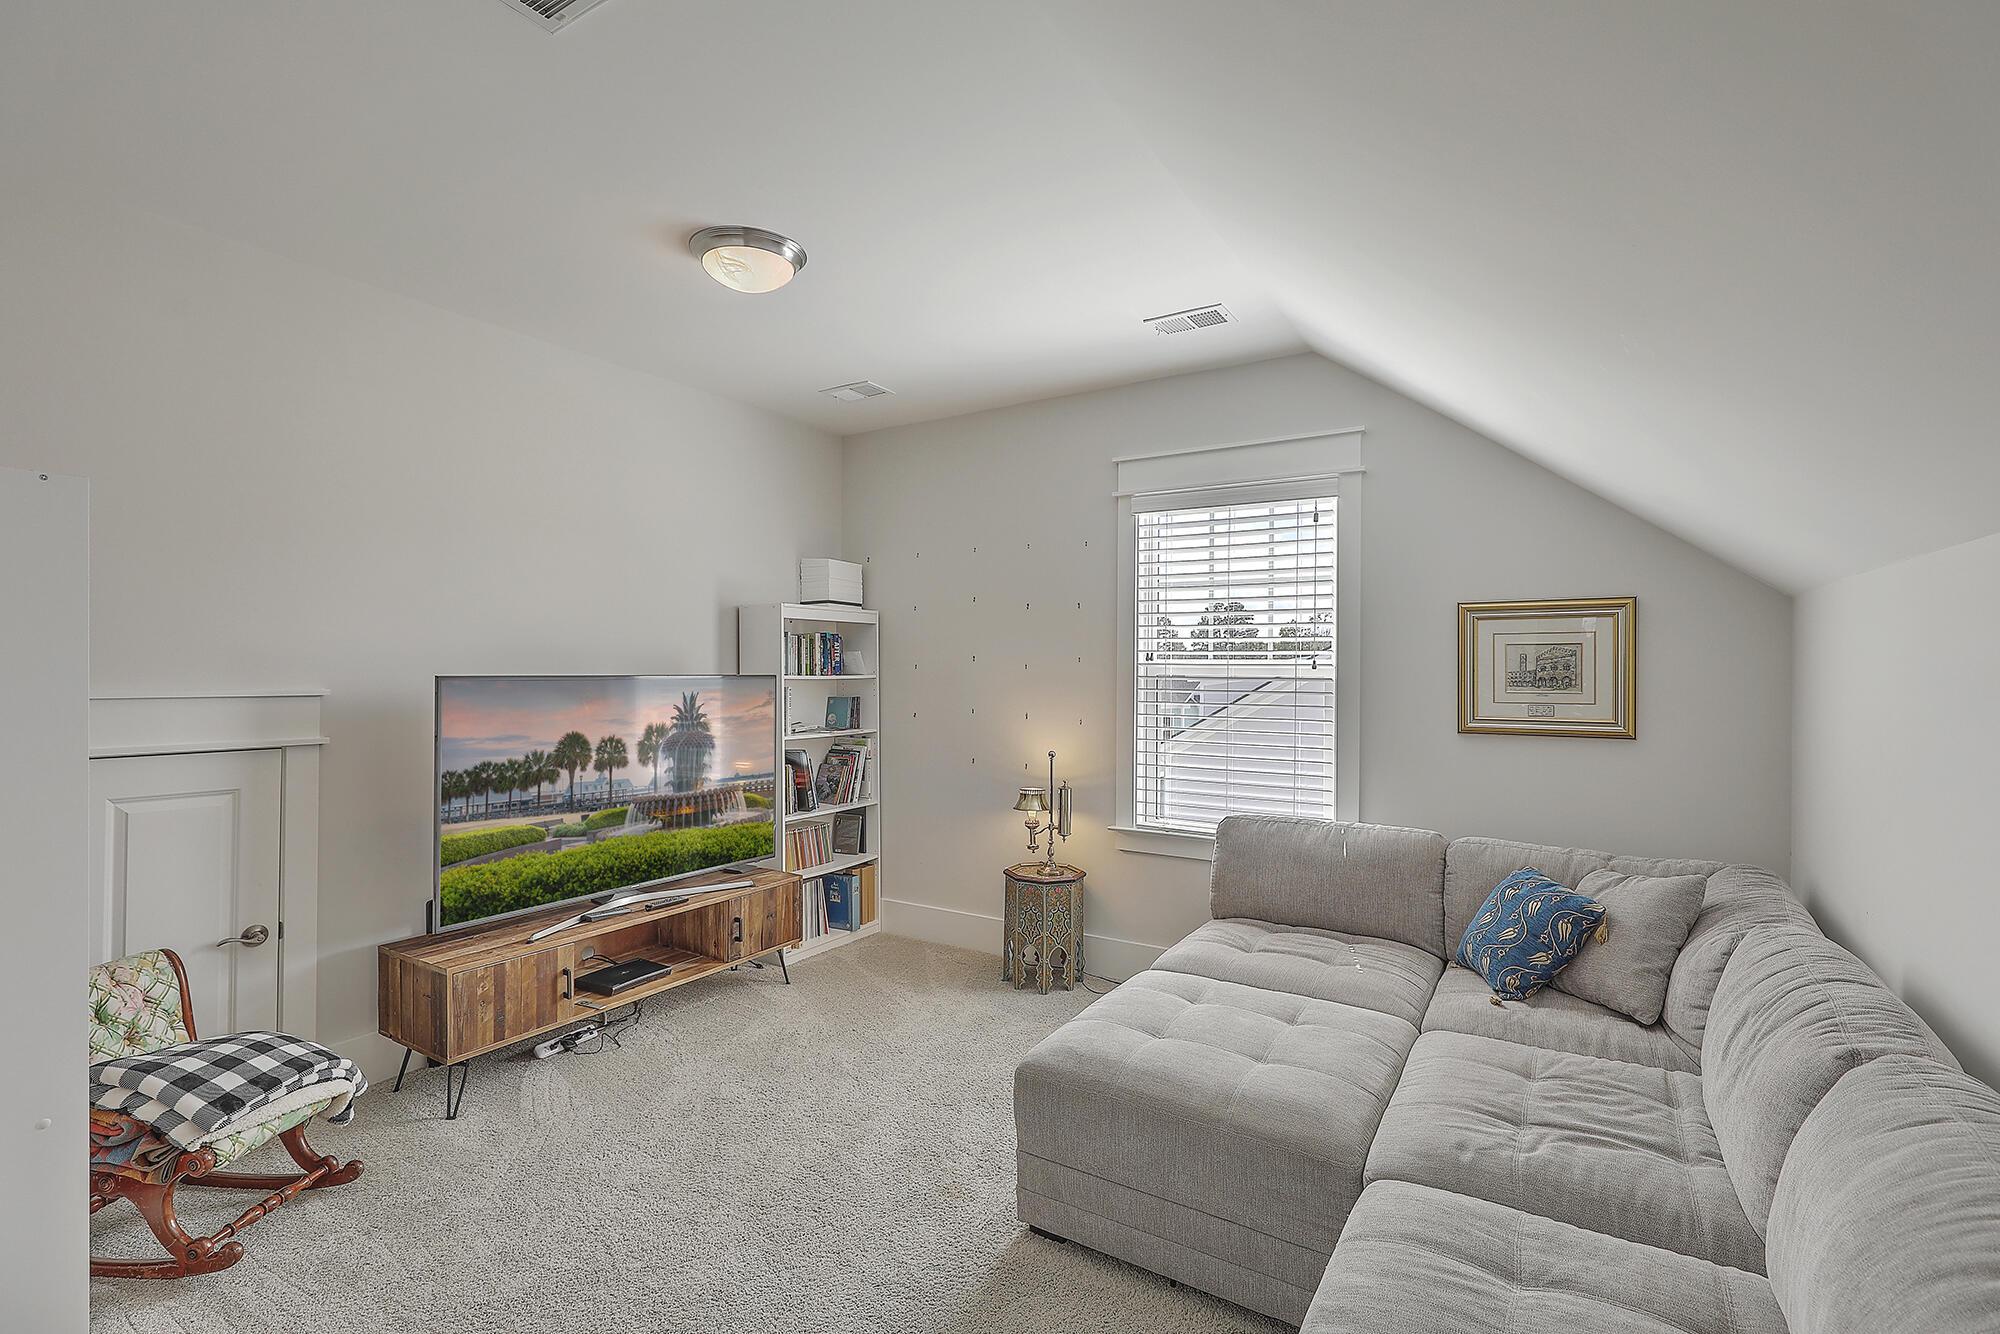 Dunes West Homes For Sale - 2915 Eddy, Mount Pleasant, SC - 22